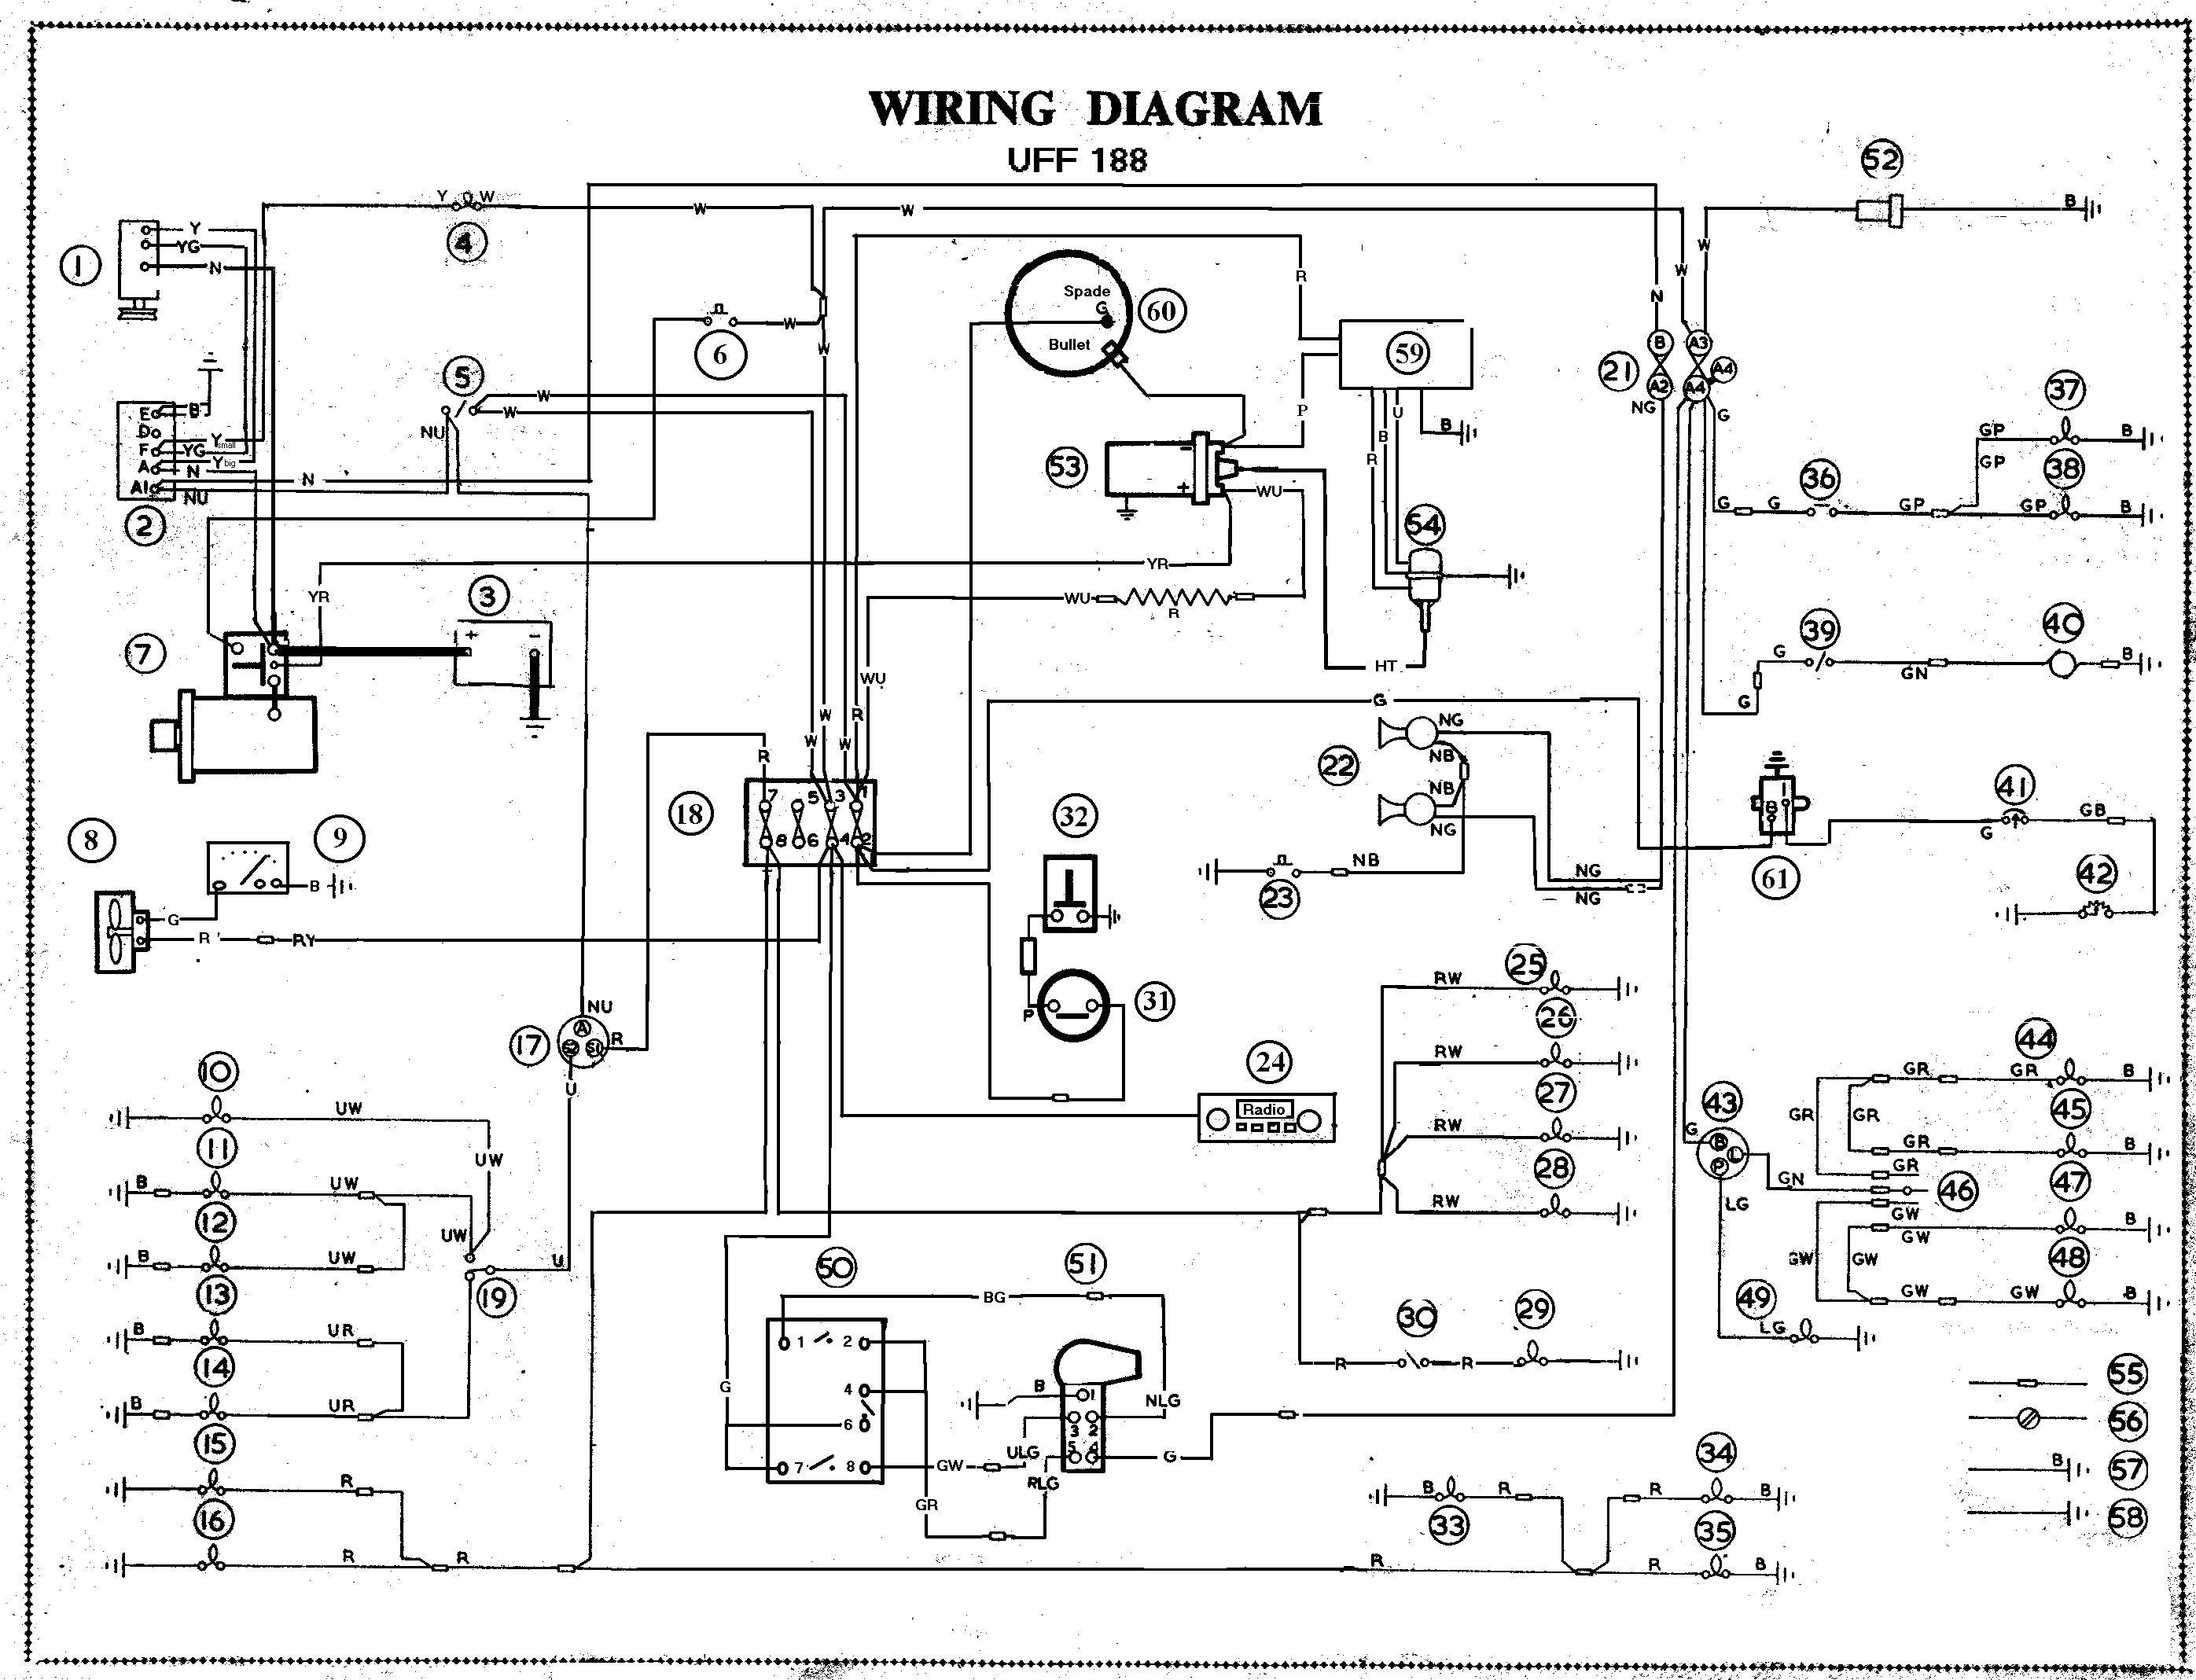 Unique Lighting Diagram Template  Diagram  Wiringdiagram